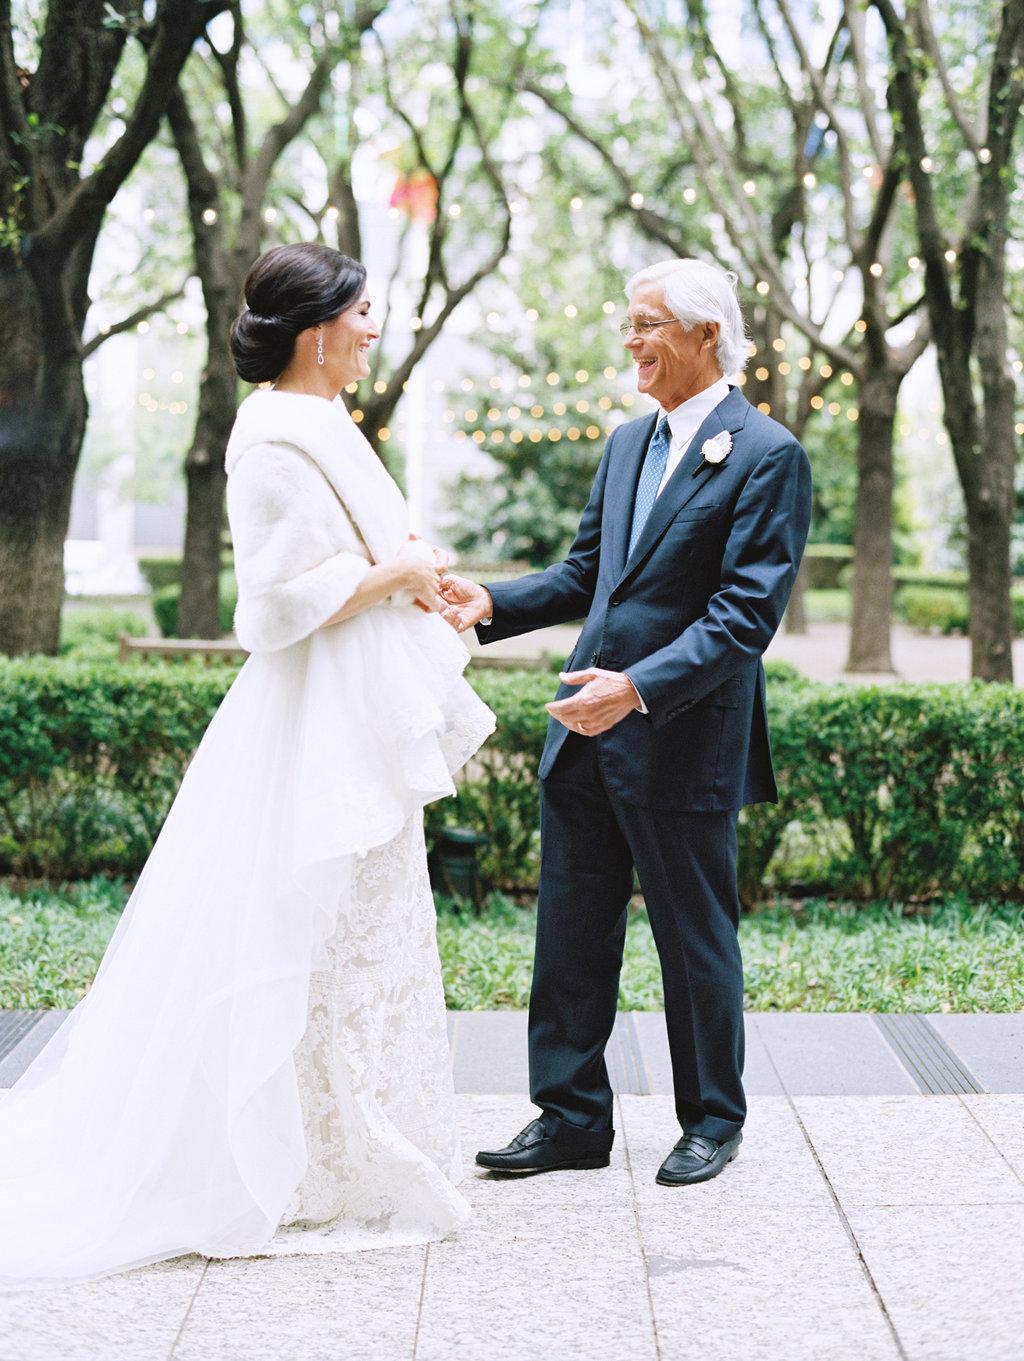 Caroline_Events_Dallas_Wedding_Planner_Marie_Gabrielle_Harwood_Wedding12.jpg